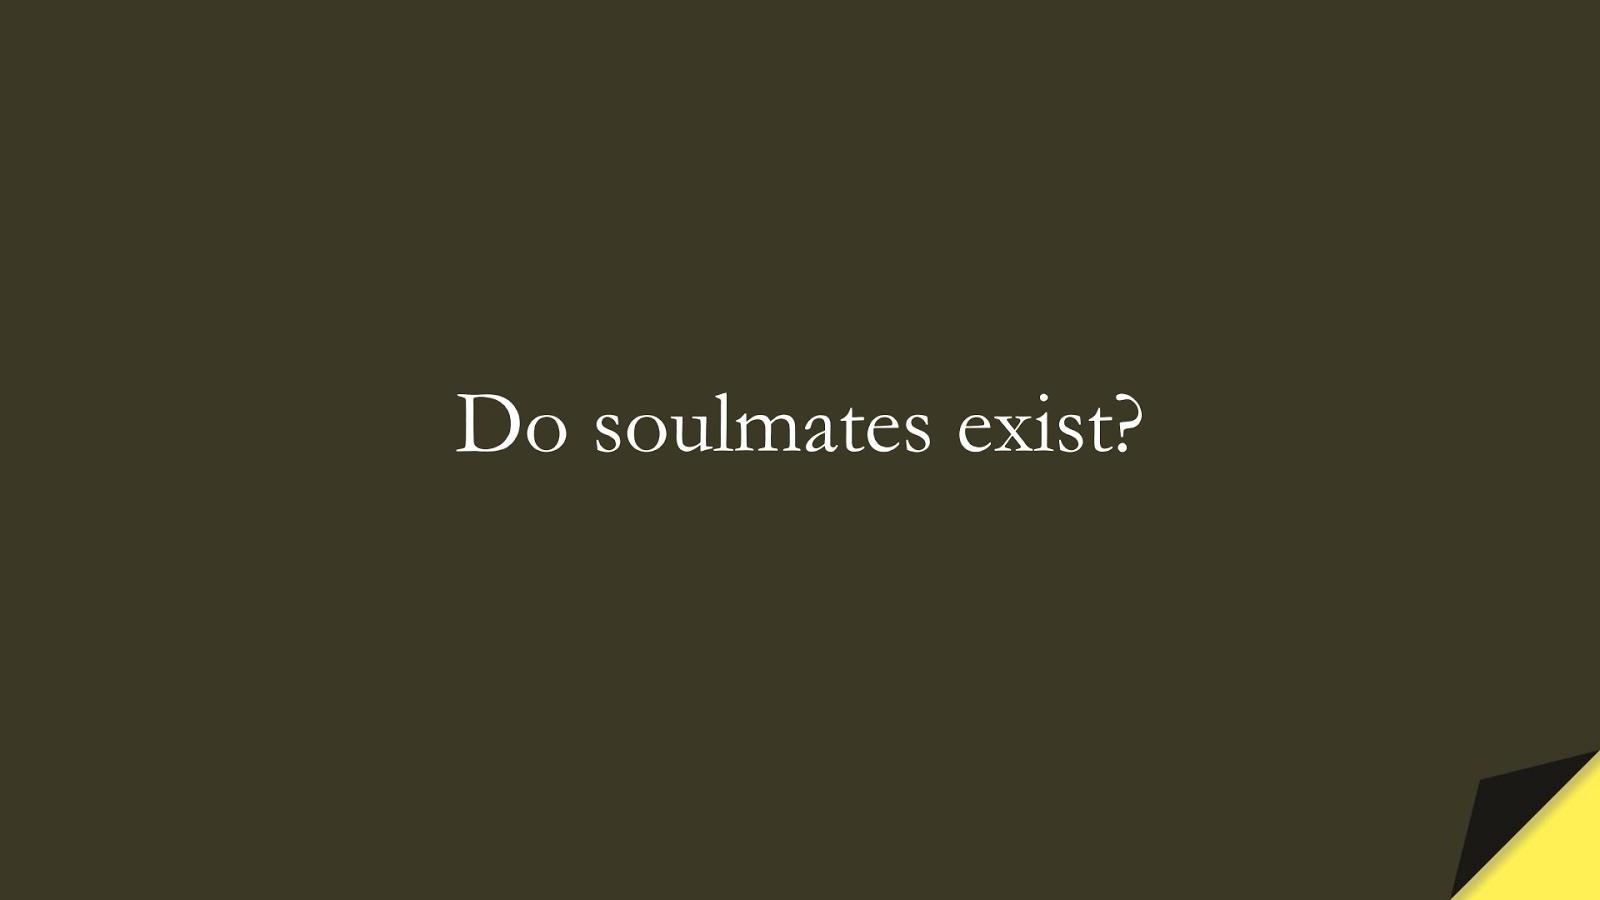 Do soulmates exist?FALSE